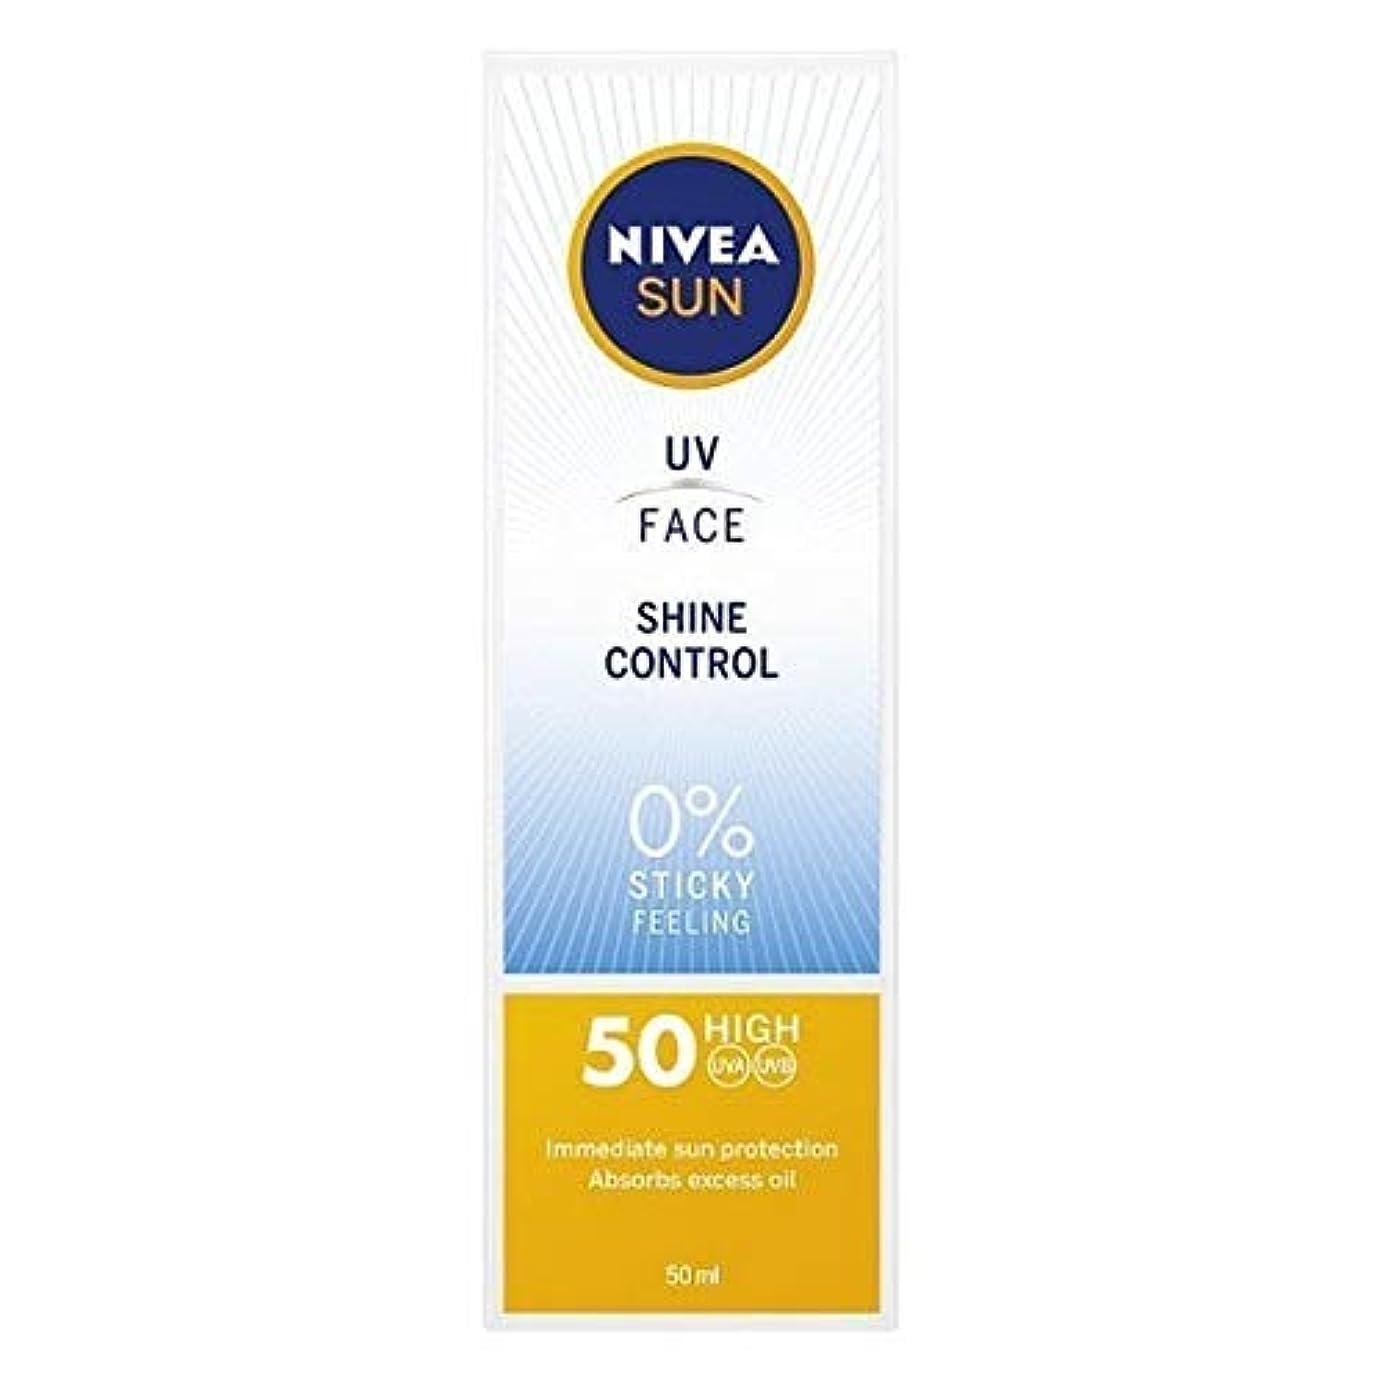 余計なニンニク完璧な[Nivea ] ニベアサンUv顔日焼け止めクリームのSpf 50、輝き制御、50ミリリットル - NIVEA SUN UV Face Suncream SPF 50, Shine Control, 50ml [並行輸入品]